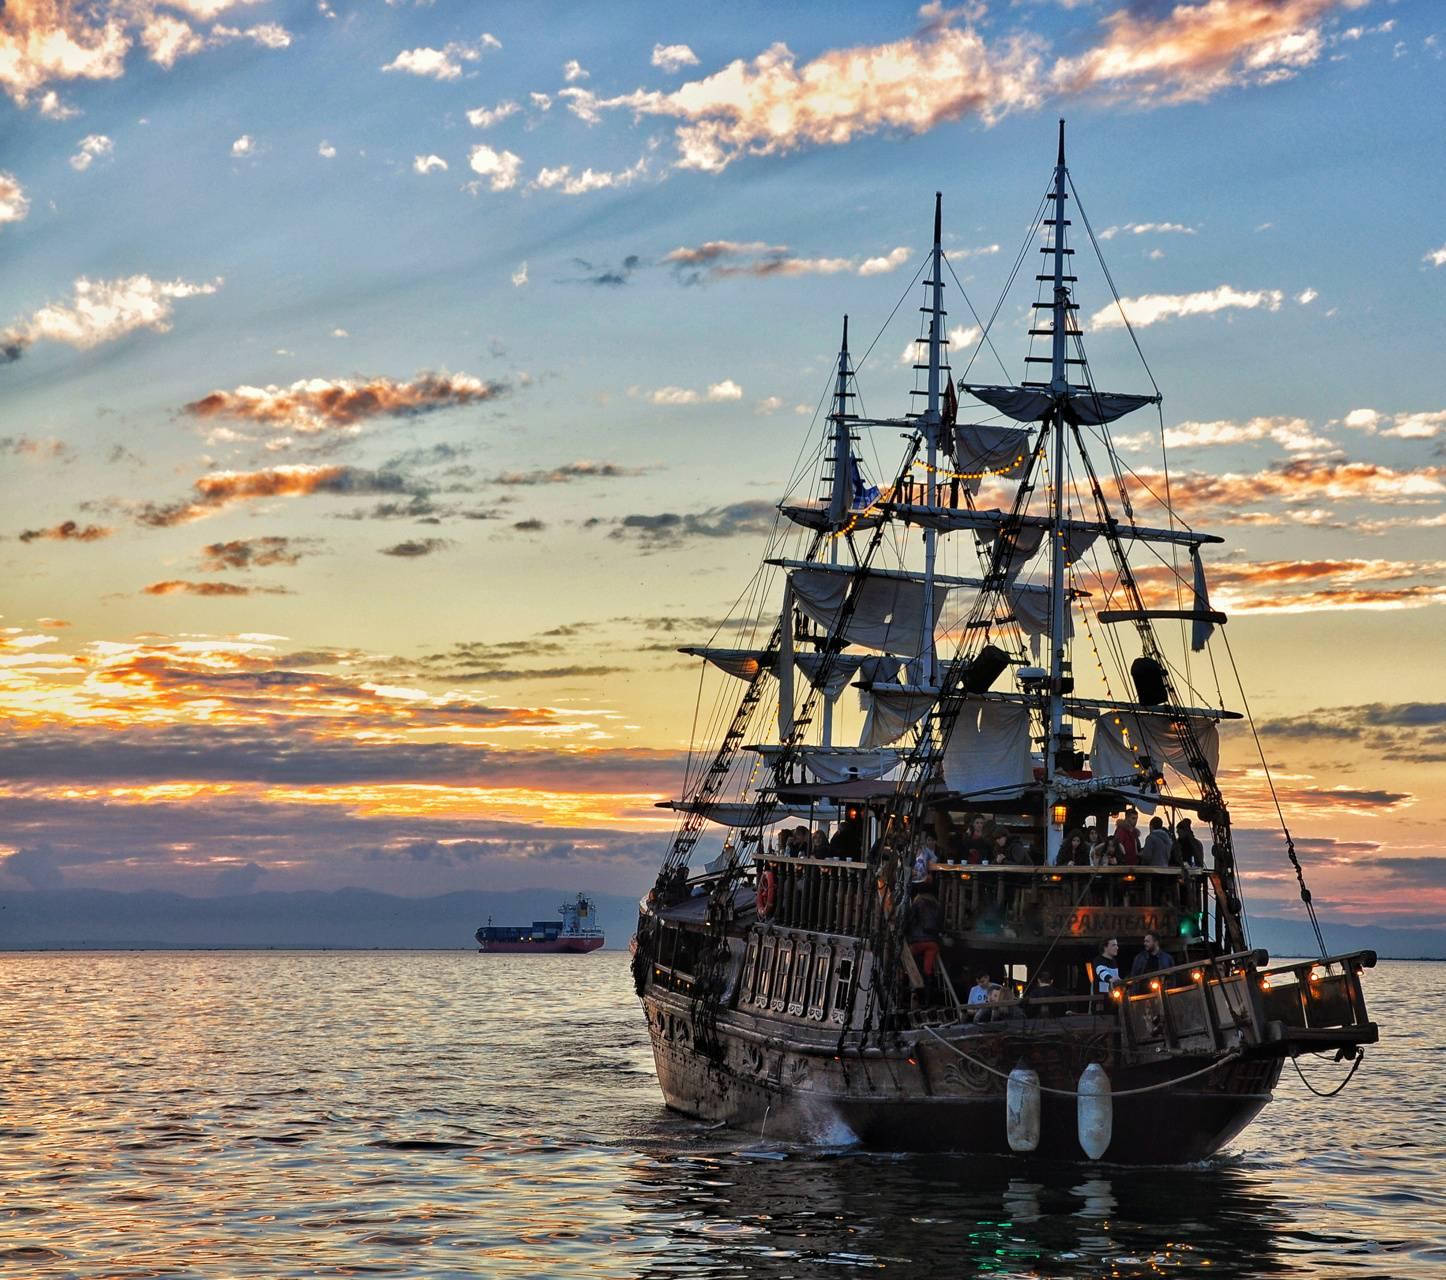 временем пиратский корабль фото высокого разрешения поверхность